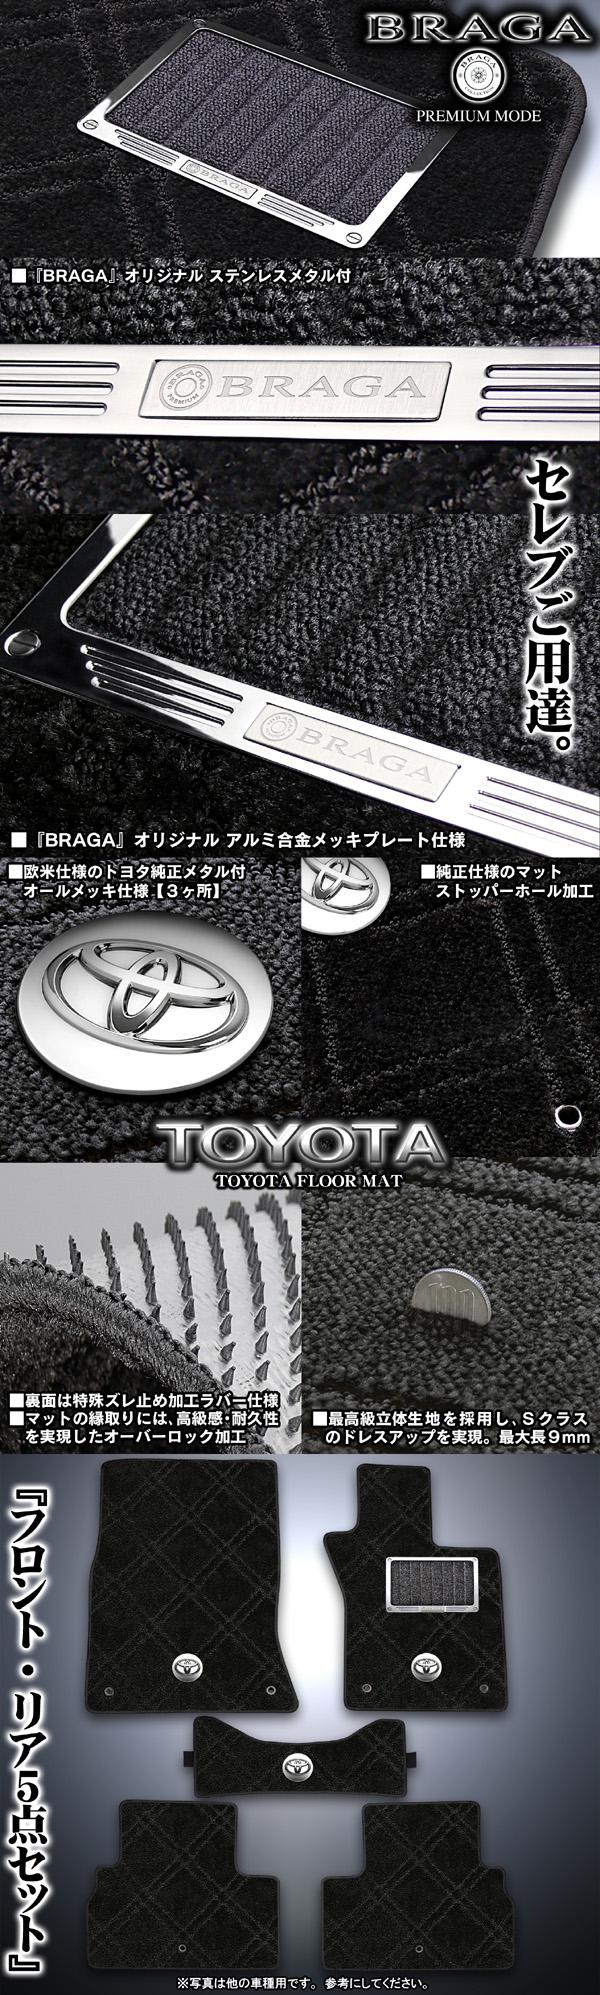 【トヨタ/セダン車】ダブルダイヤ[タイプ2]ブラック《トヨタメタル3個+メッキプレート付》フロアマット5点セット